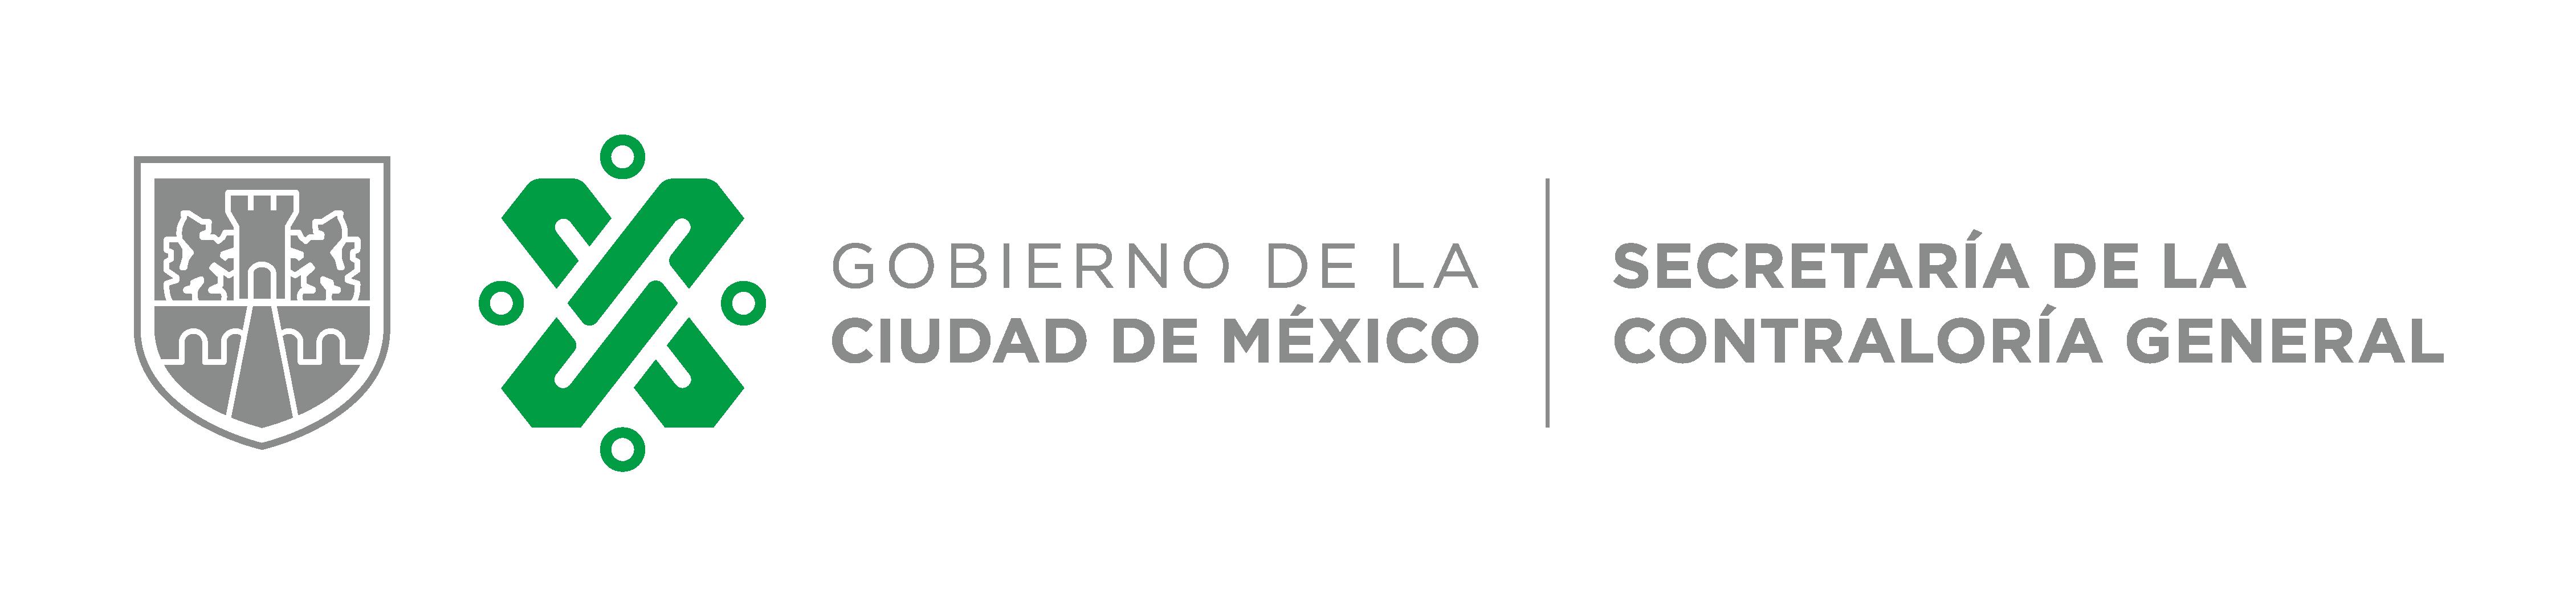 Logotipo Secretaría de la Contraloría General de la Ciudad de México